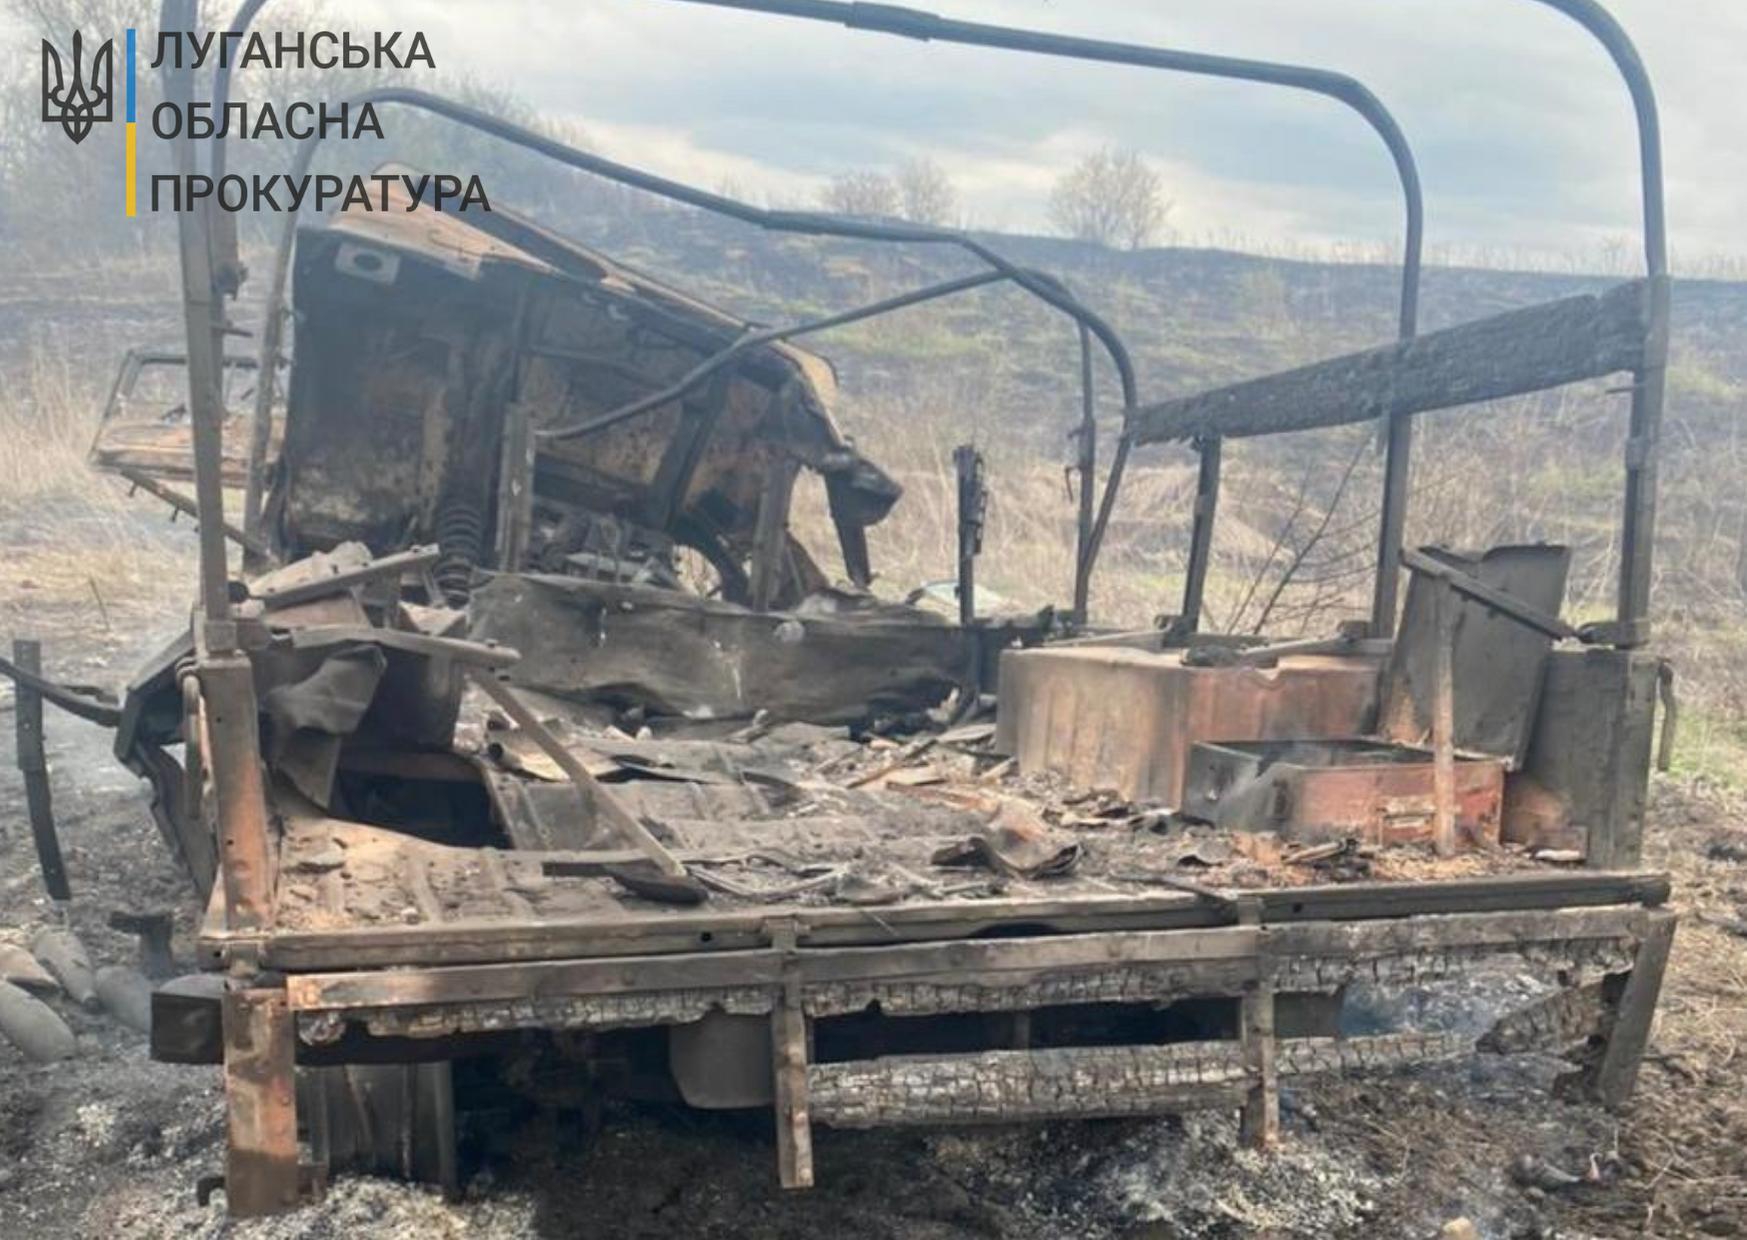 Наслідки вибуху, через який загинув захисник України і ще троє зазнали поранень